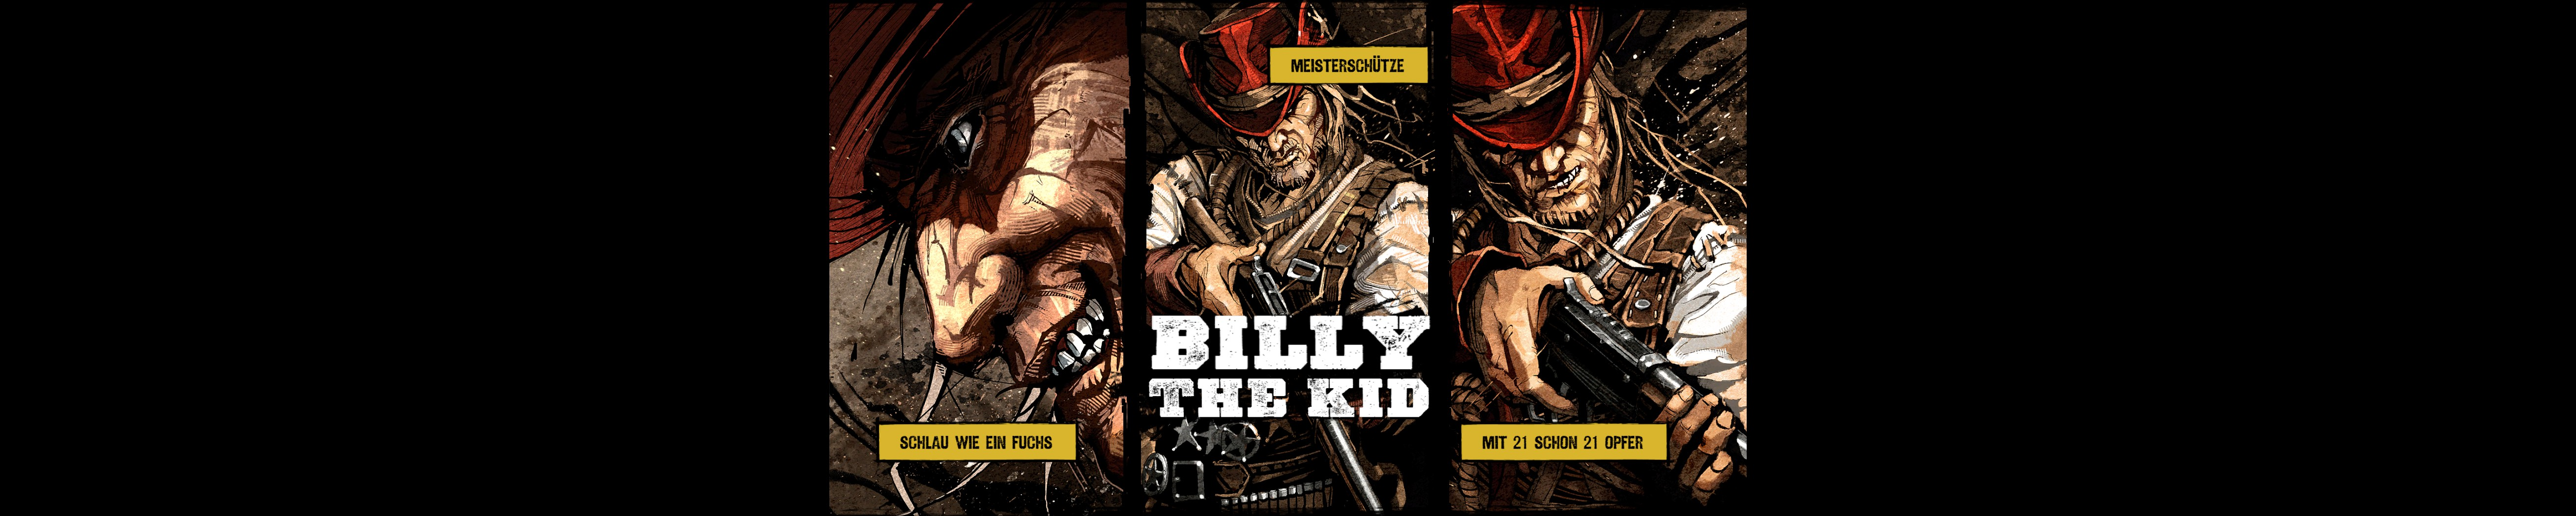 Charaktere werden in stilvollen Comic-Strips eingeführt